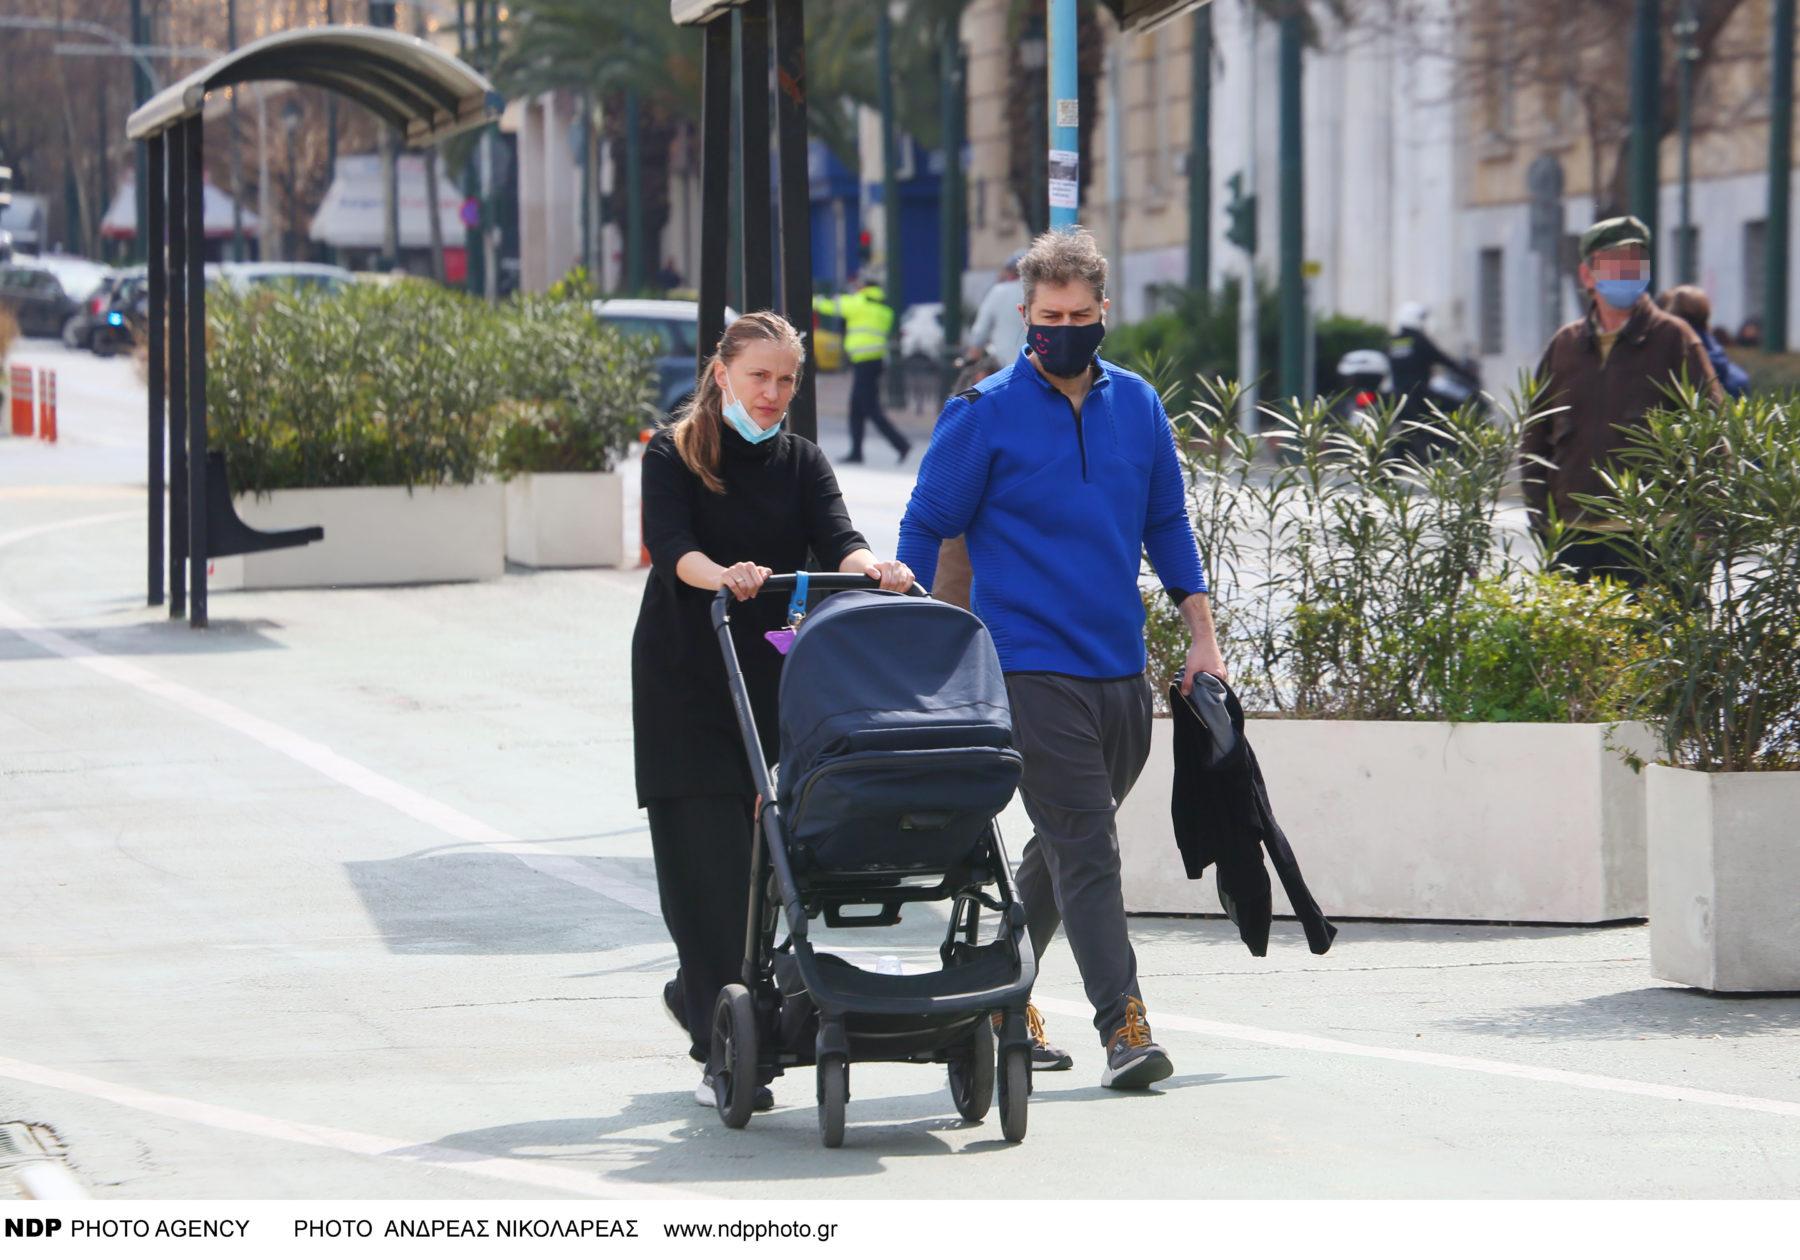 Αλέξανδρος Μπουρδούμης: βόλτα στην Αθήνα με τη σύζυγό του Λένα Δροσάκη και τον γιο τους (φωτογραφίες)